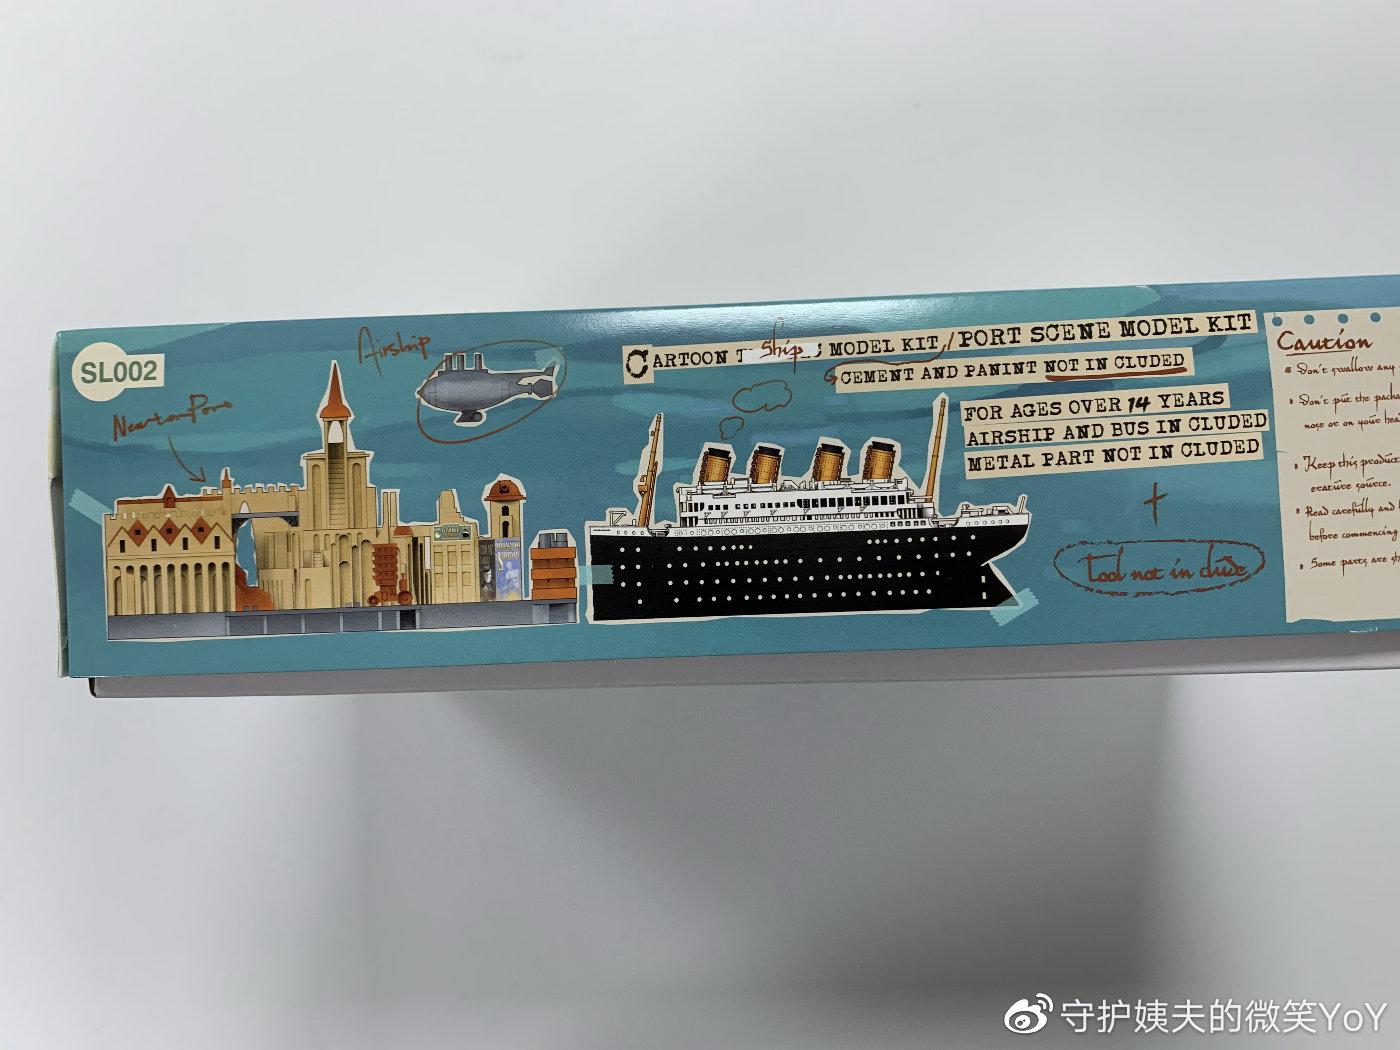 S484_2_RMS_Titanic_SOUTHAMPTON_003.jpg